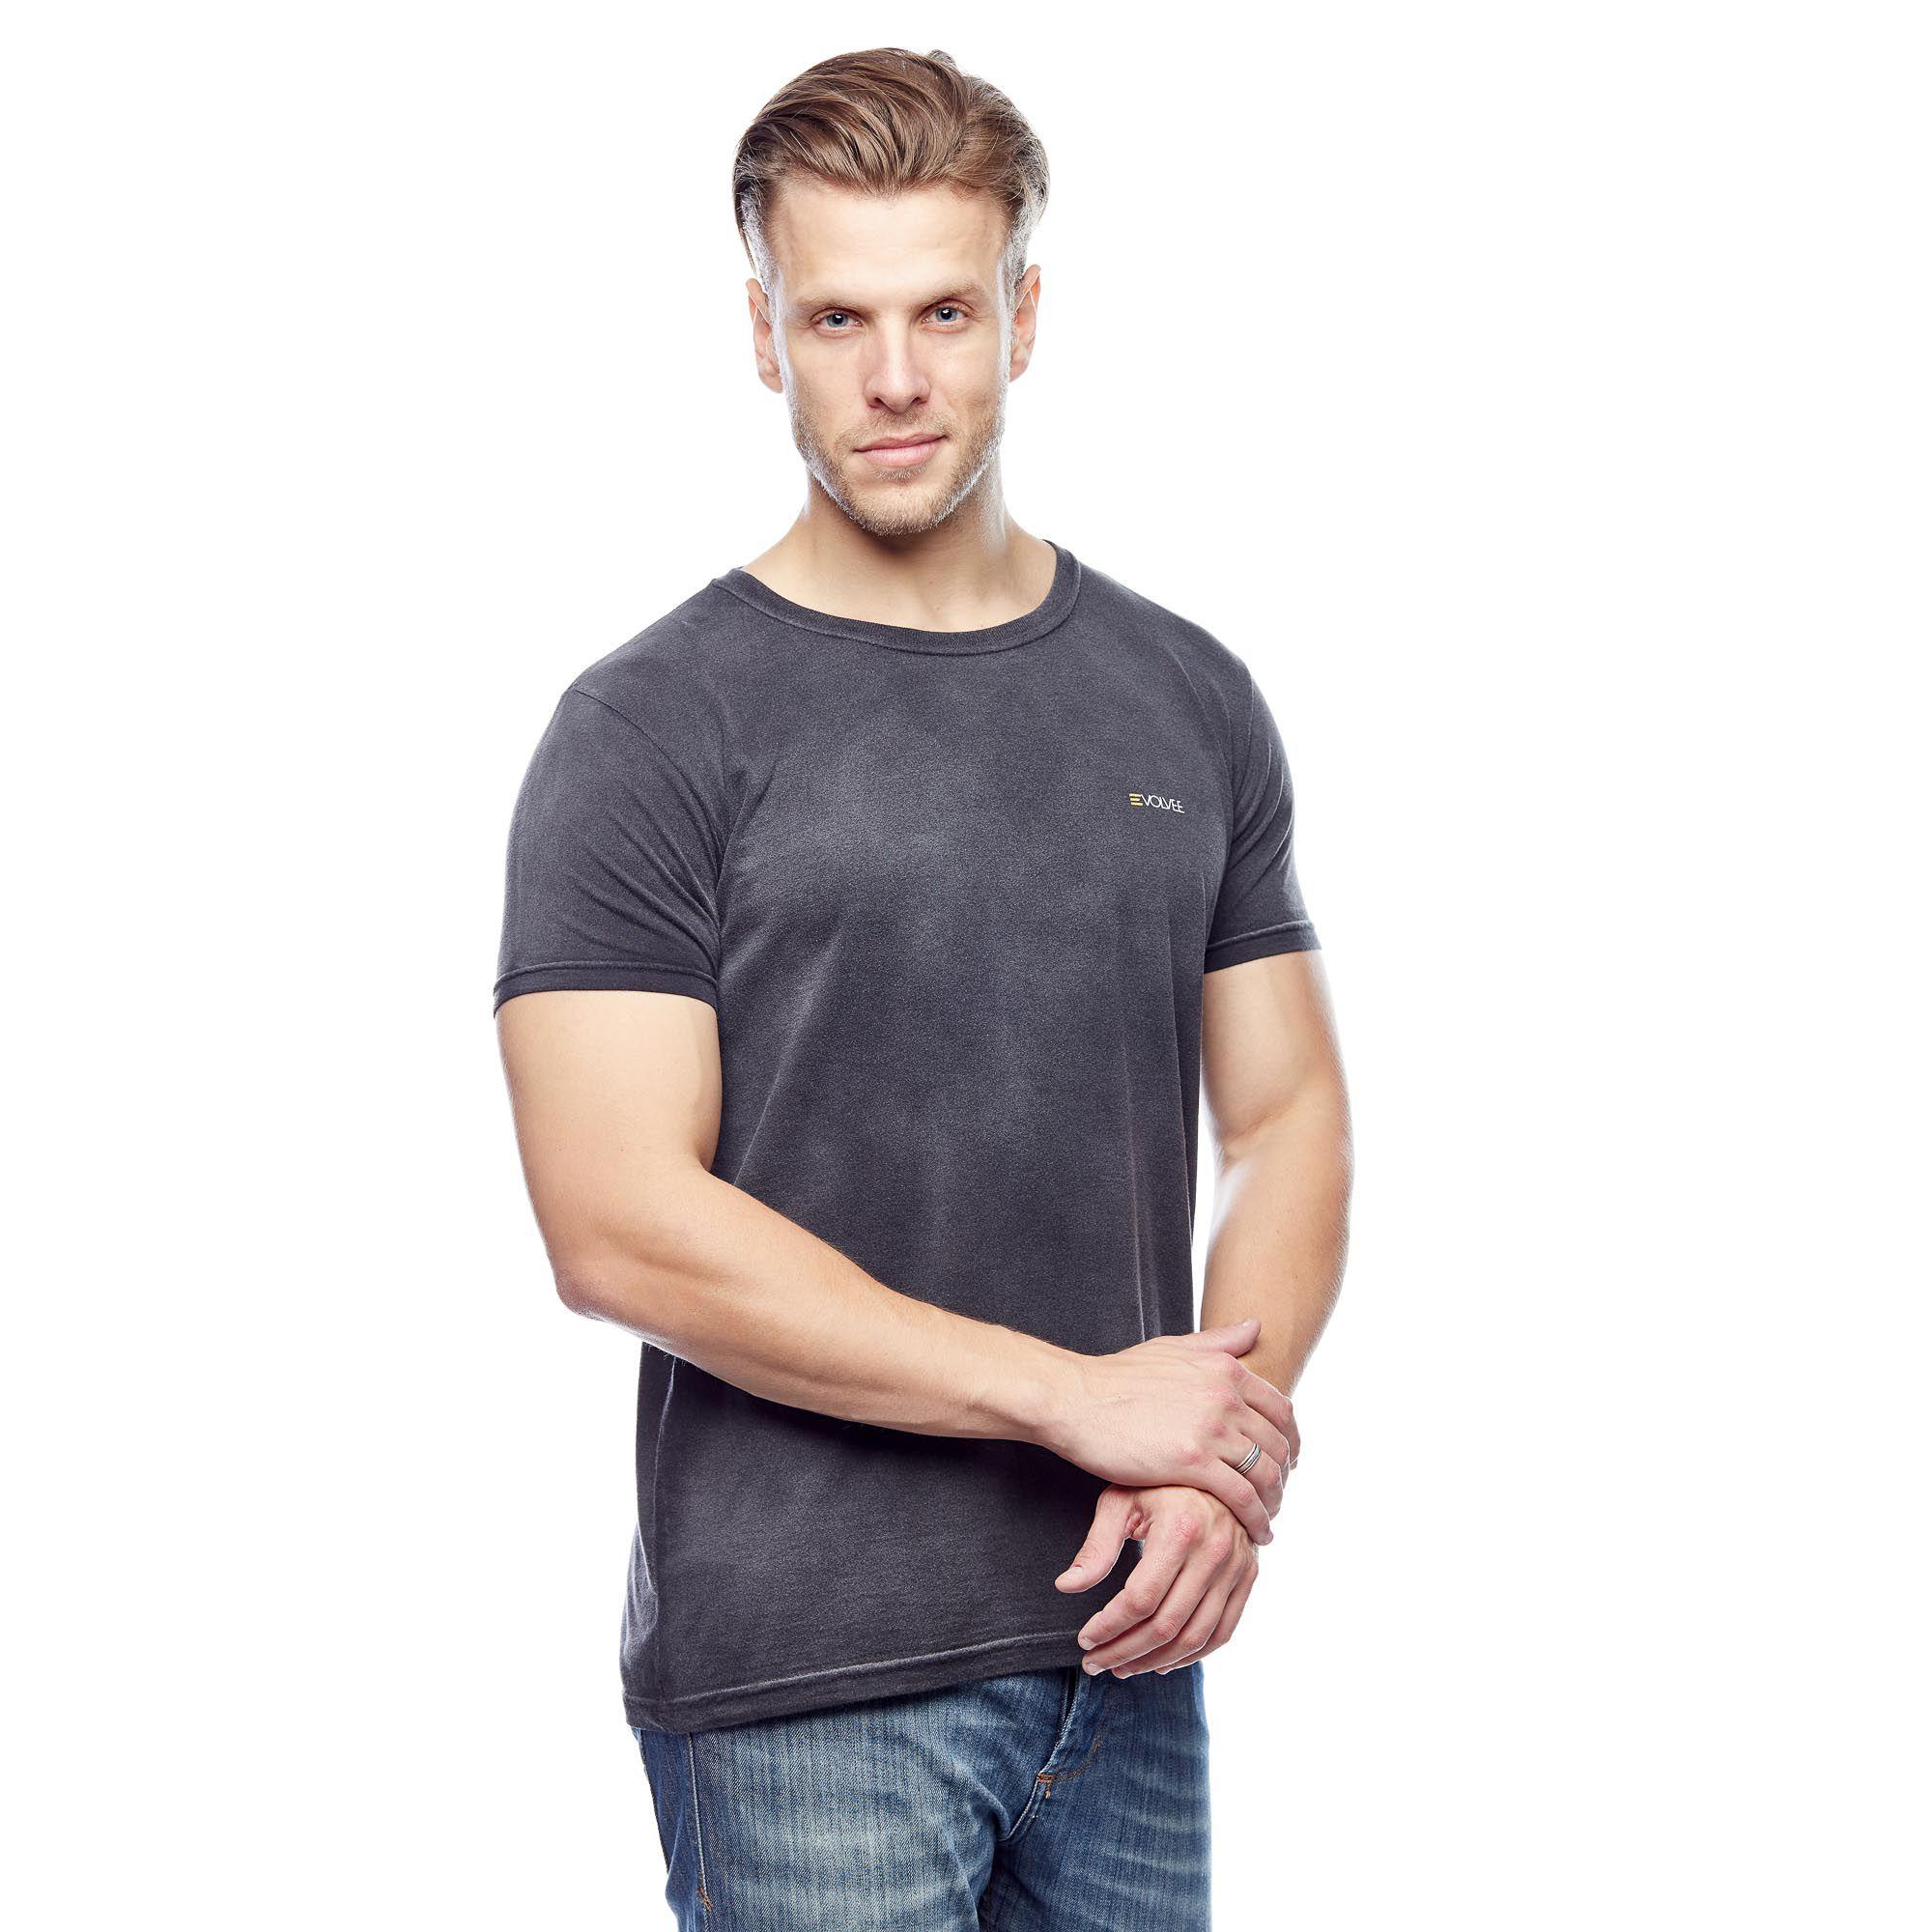 Camiseta Básica Used Total Masculina Evolvee